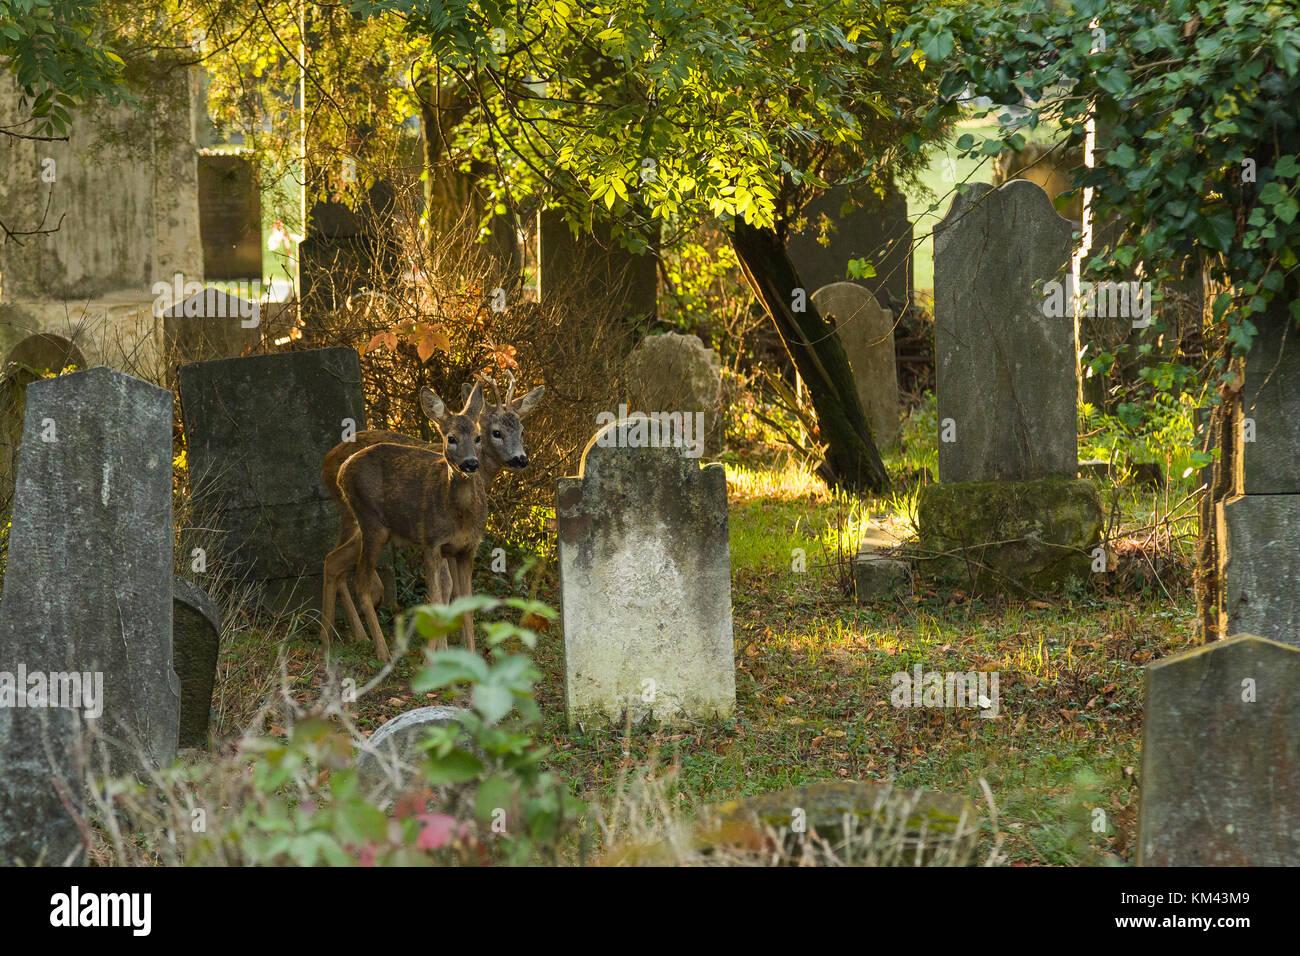 Deer on cemetery - Stock Image